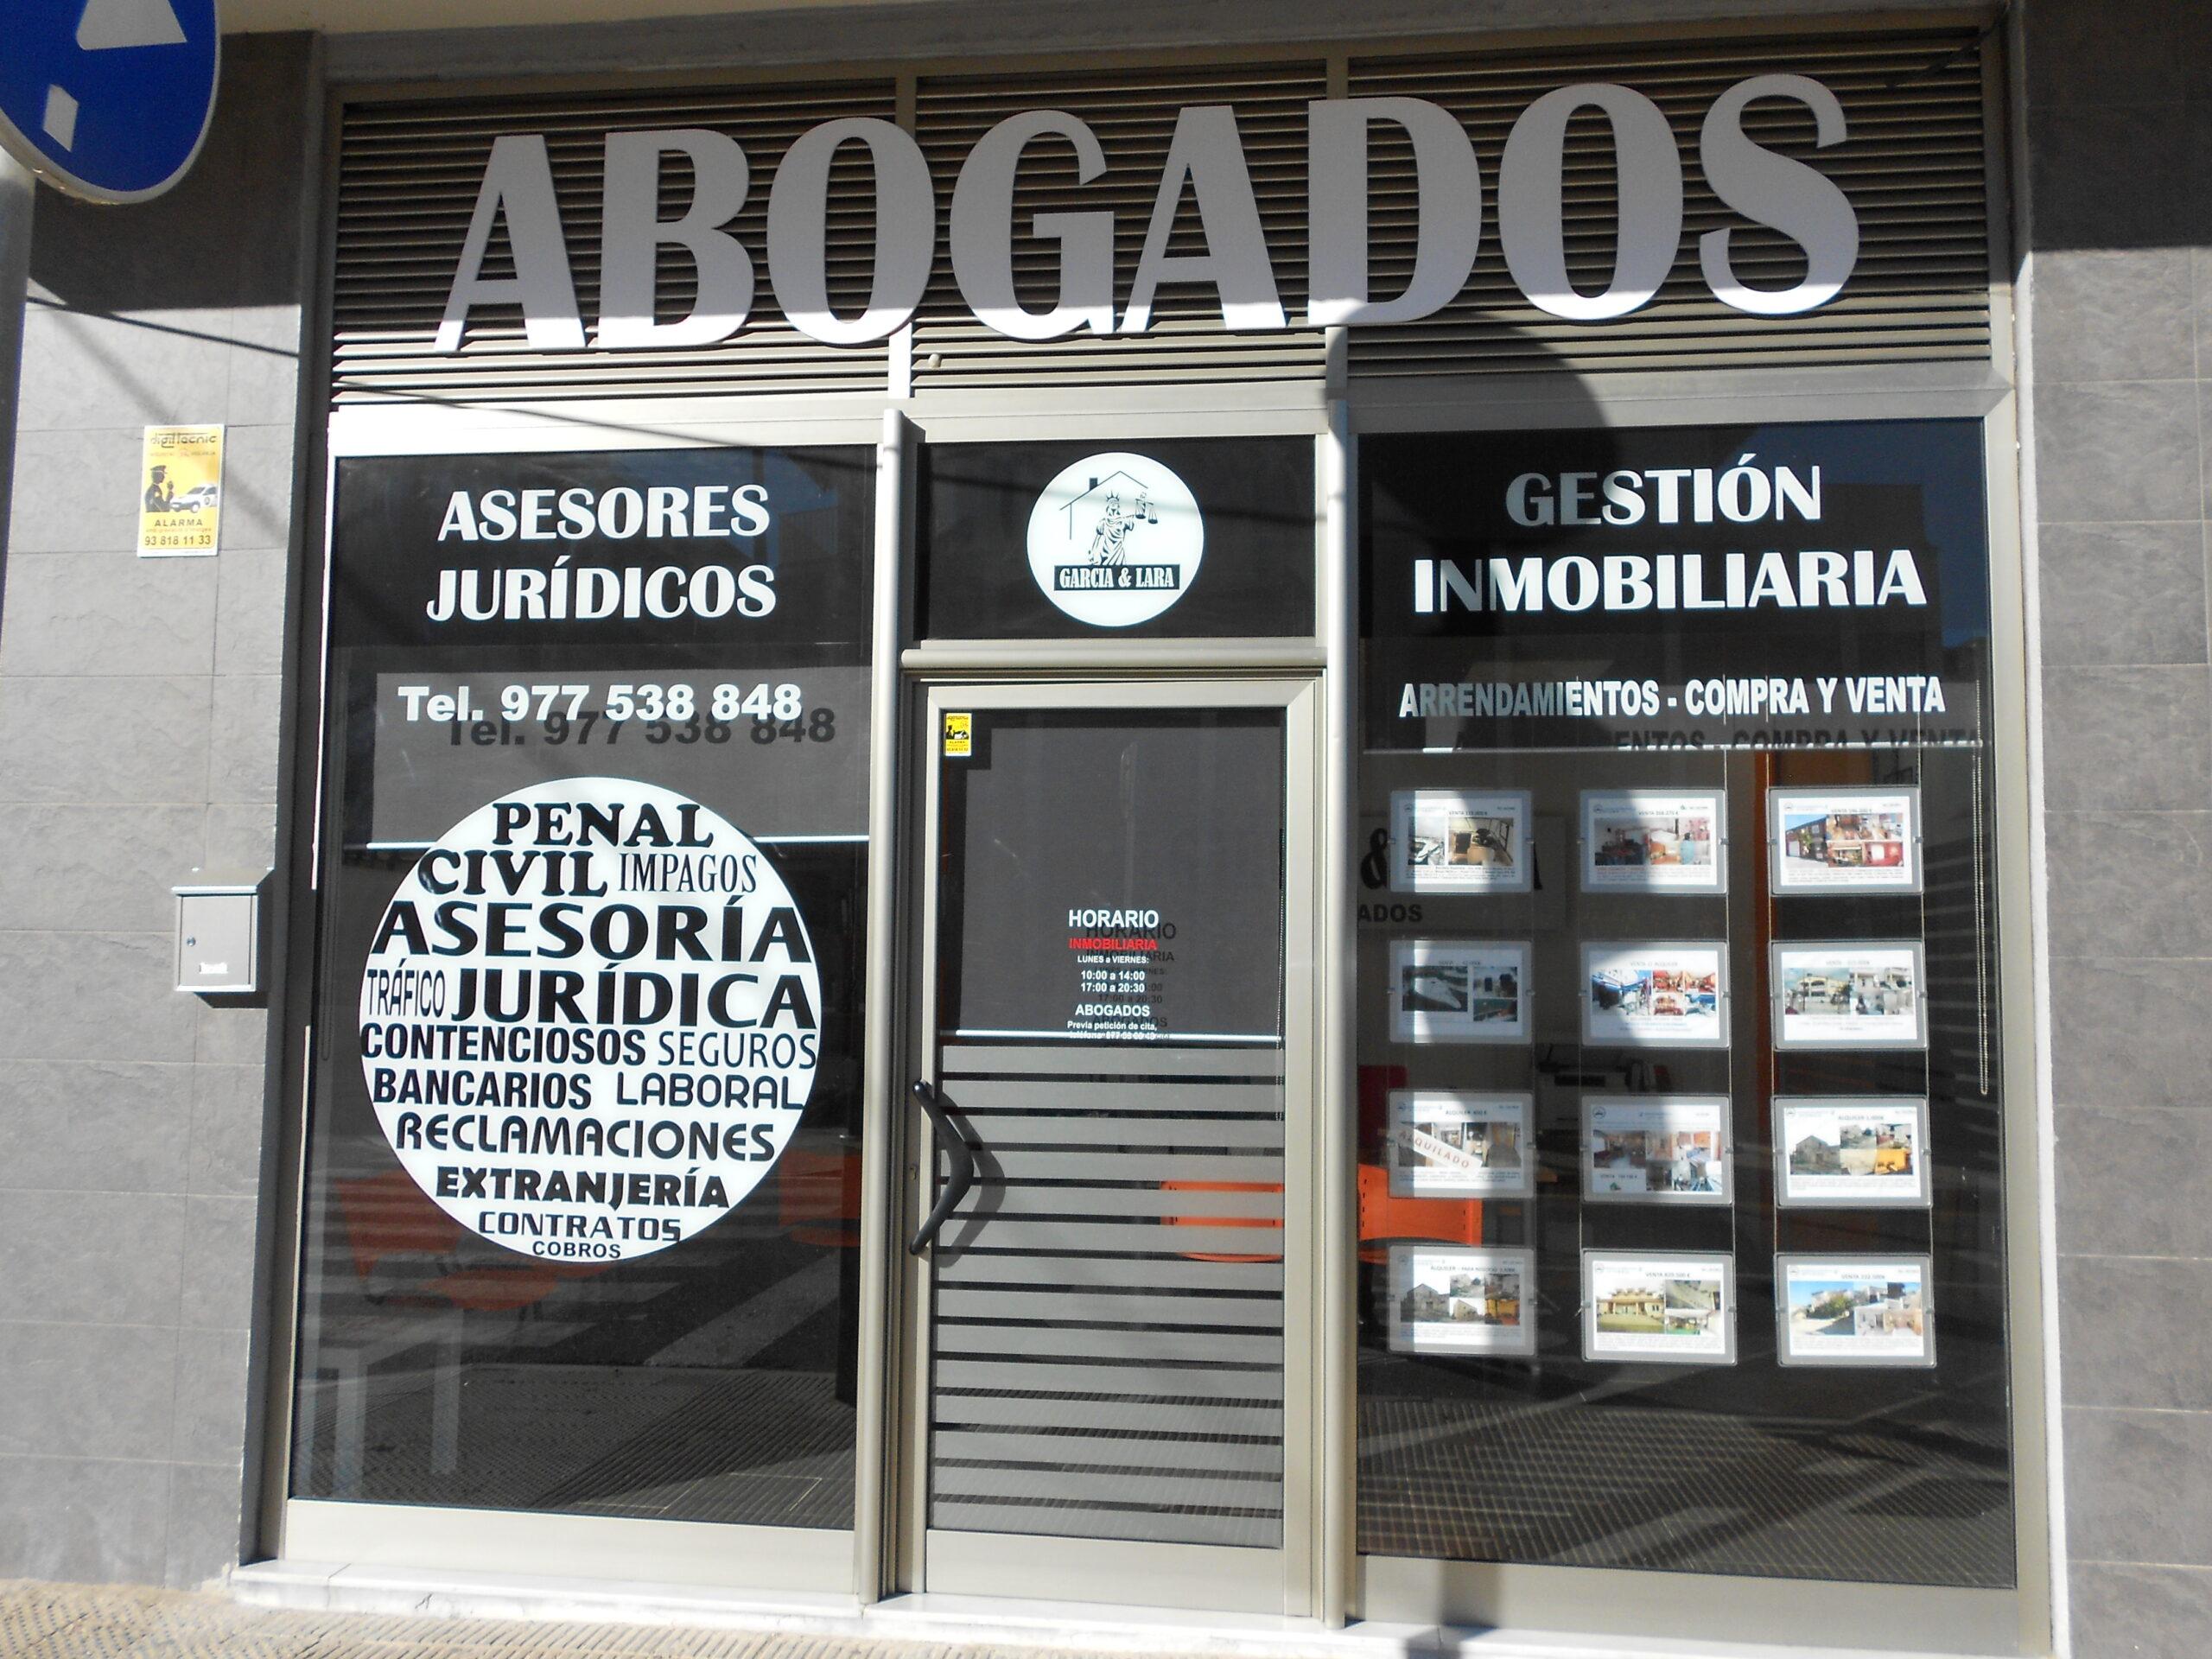 Foto exterior del bufete de abogados garcia lara Carrer de Cèsar Martinell i Brunet, 34, local 2, 43700 El Vendrell, Tarragona